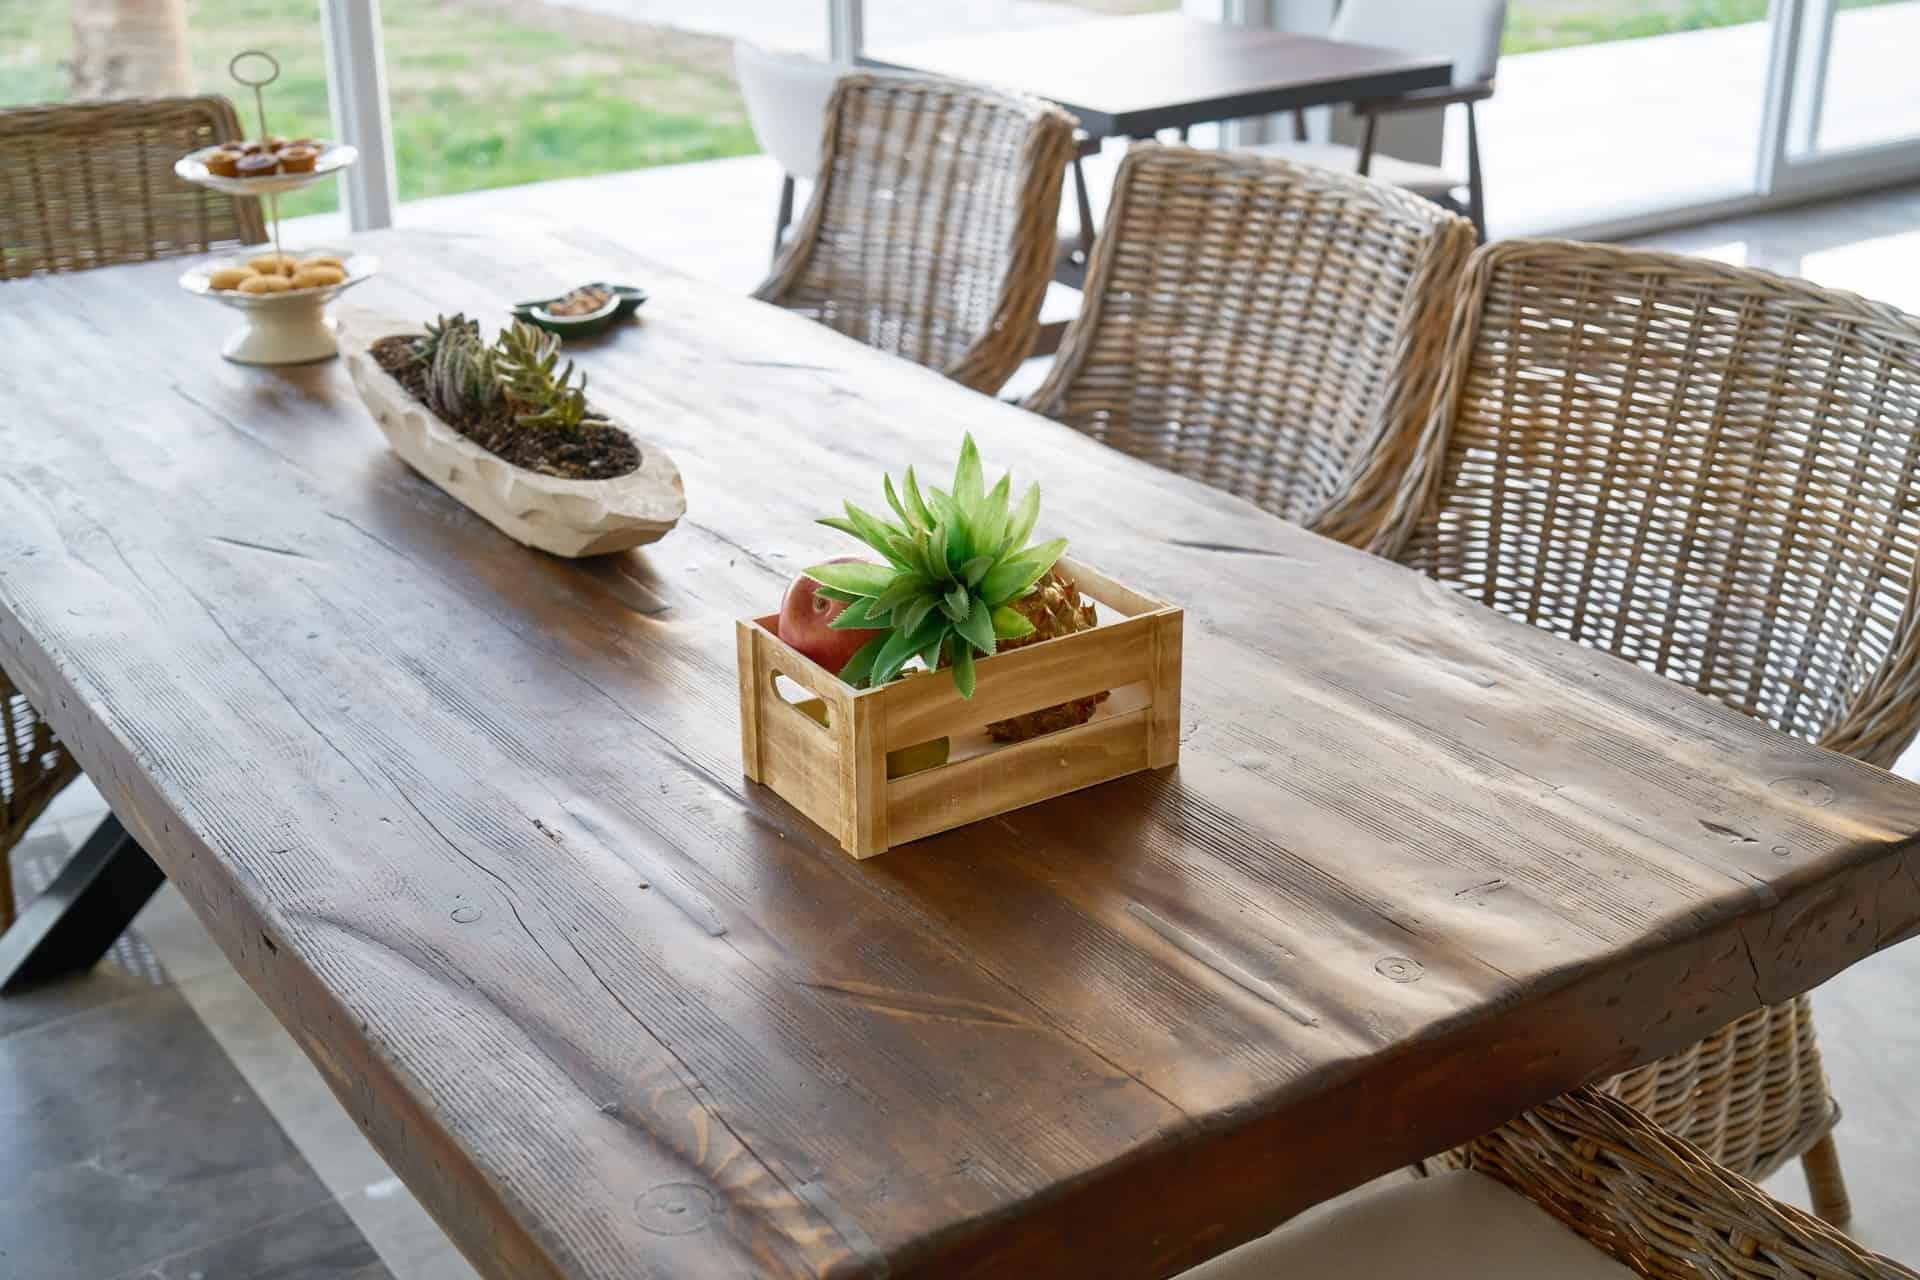 Foto de uma mesa grande de madeira, com quatro cadeiras de fibra bem rústicas. Em cima da mesa, um centro de mesa, e alguns alimentos em pratos e caixinhas.